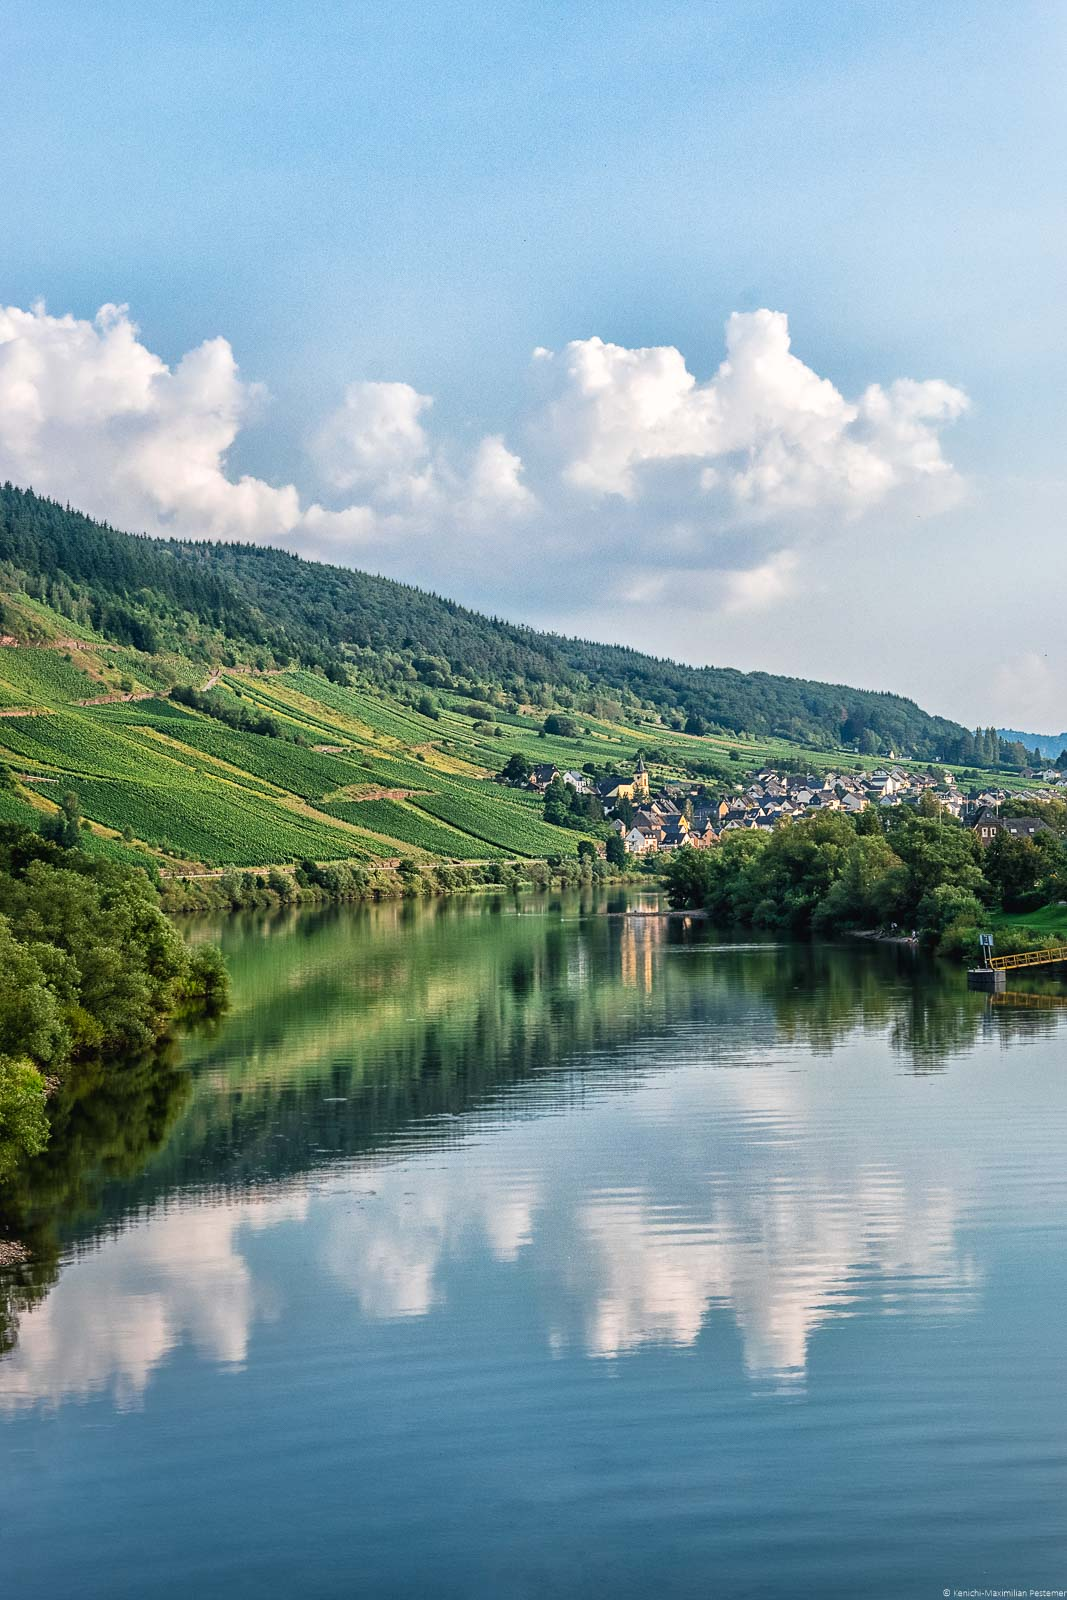 Der Weinberg Burger Hahnenschritten spiegelt sich im Fluss Mosel. Im Hintergrund befindet sich der Ort Burg.